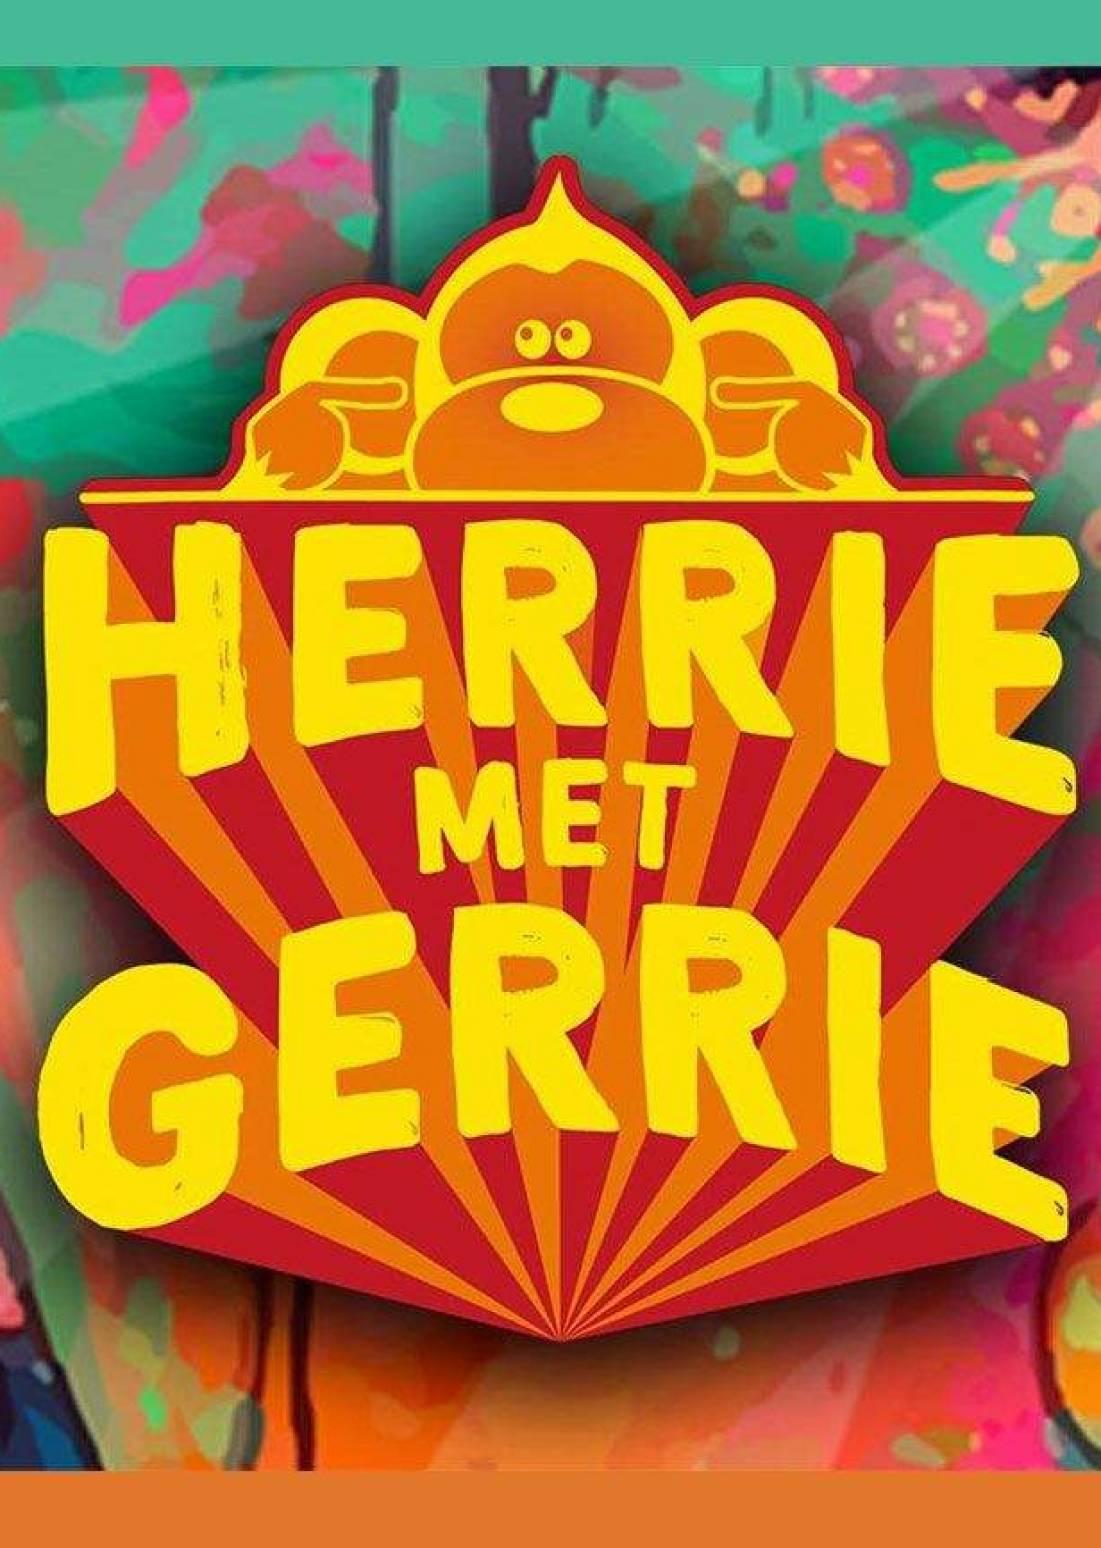 HERRiE MET GERRiE